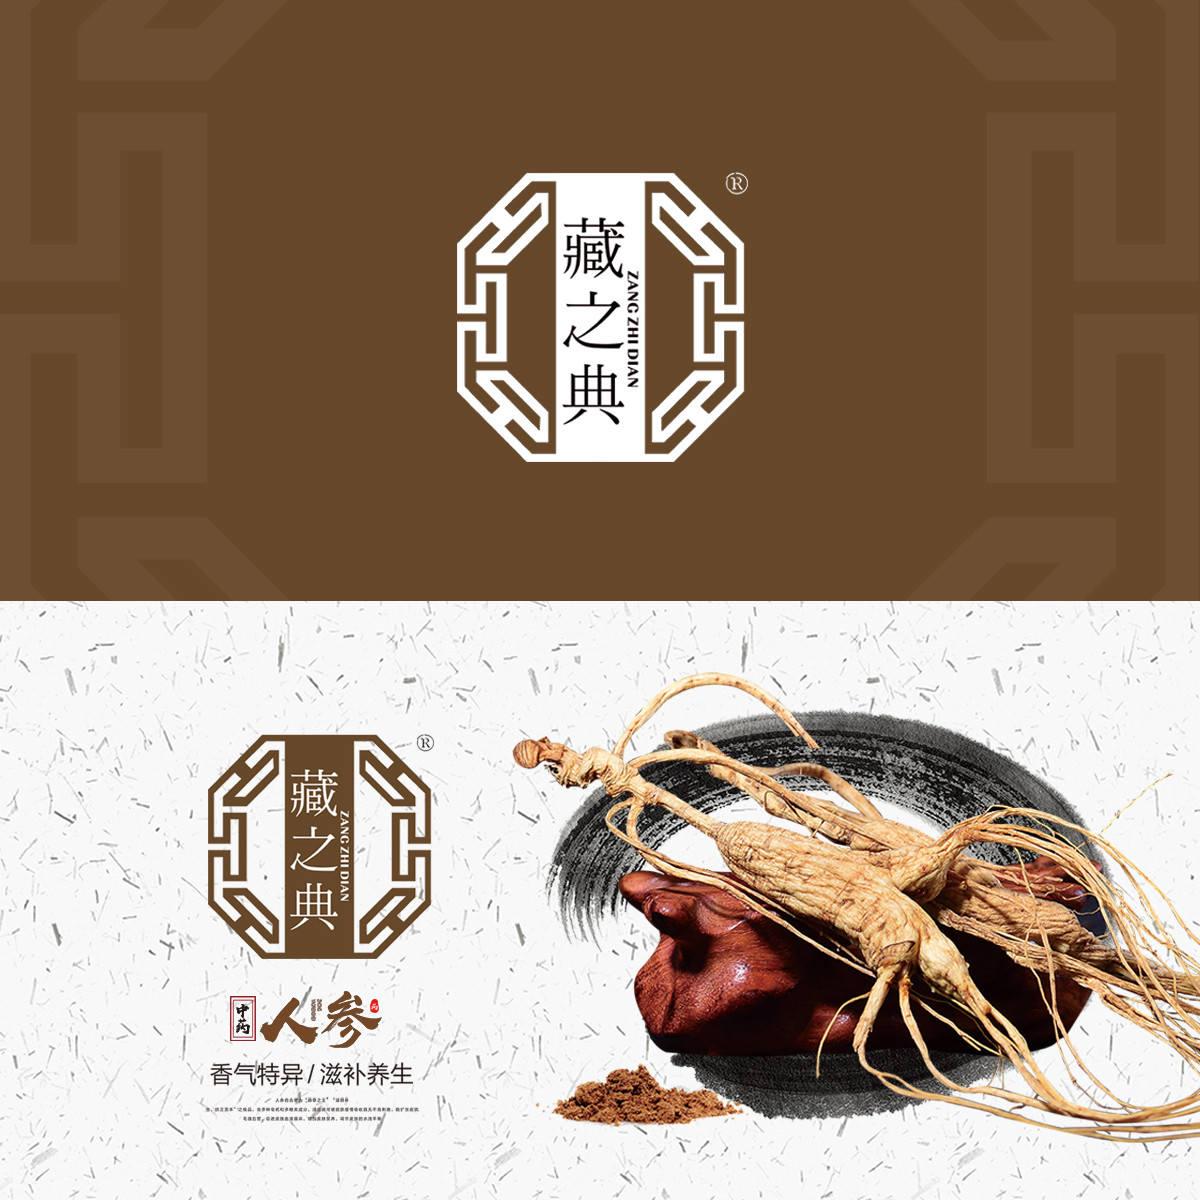 藏之典 ZANGZHIDIAN